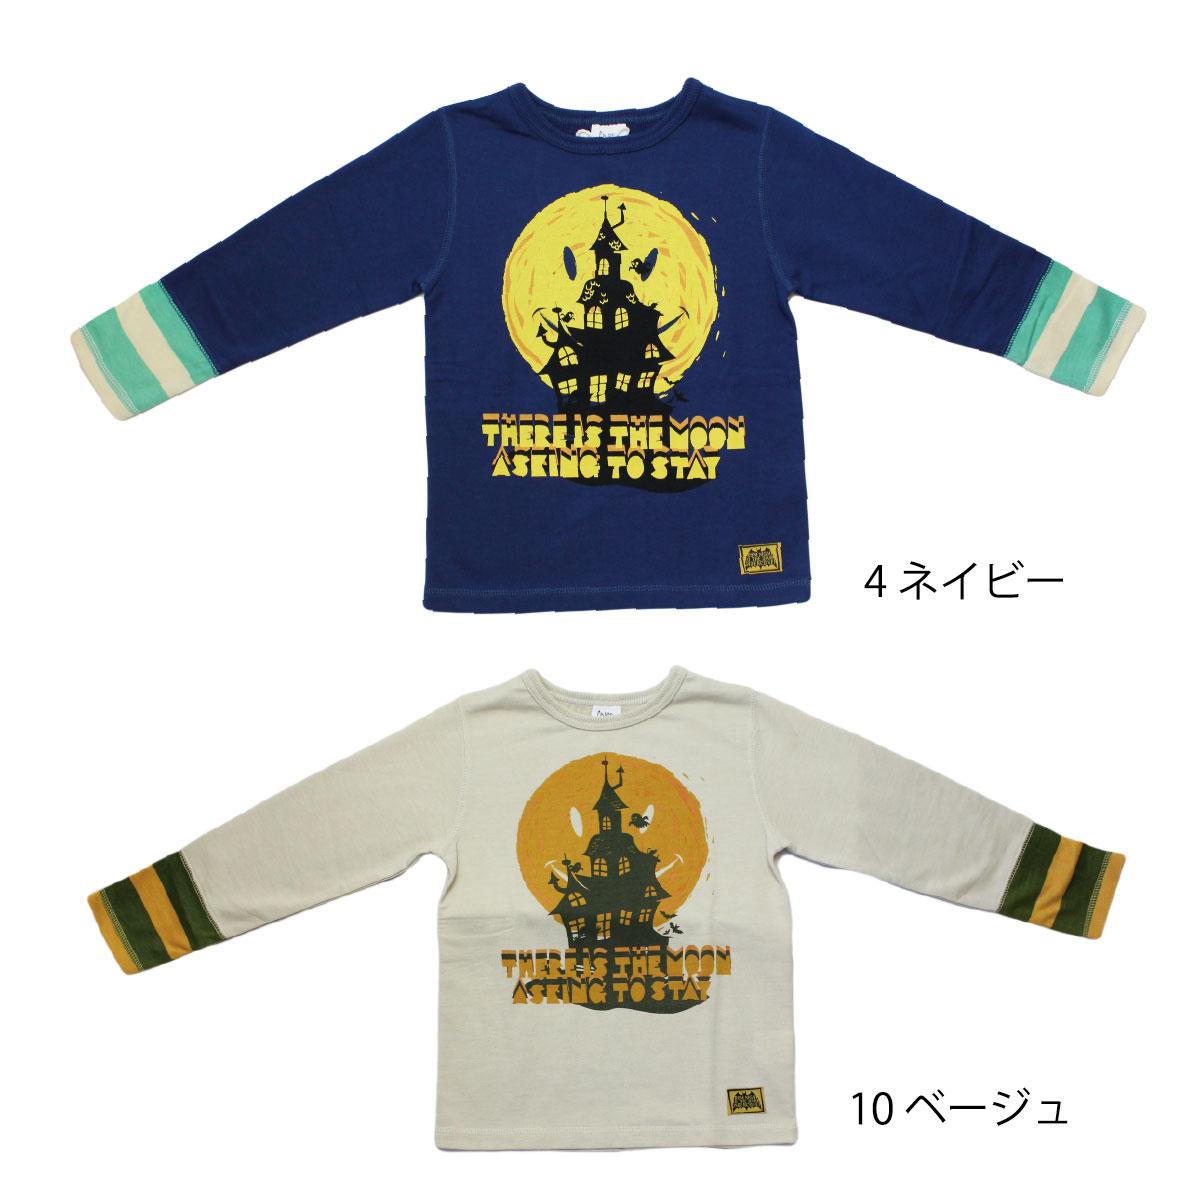 【セール】【ネコポス対応】【SiShuNon/FARM】オバケハウスTシャツ ファーム キッズ 男の子 長袖 Tシャツ